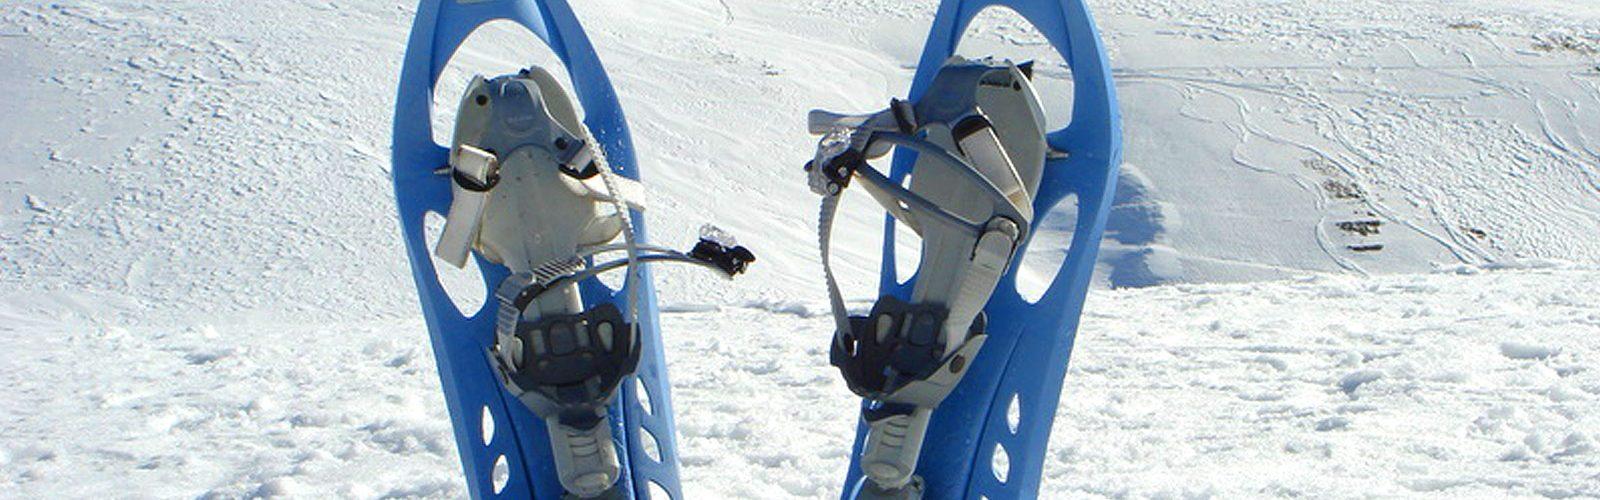 Snow shoes Morzine Avoriaz